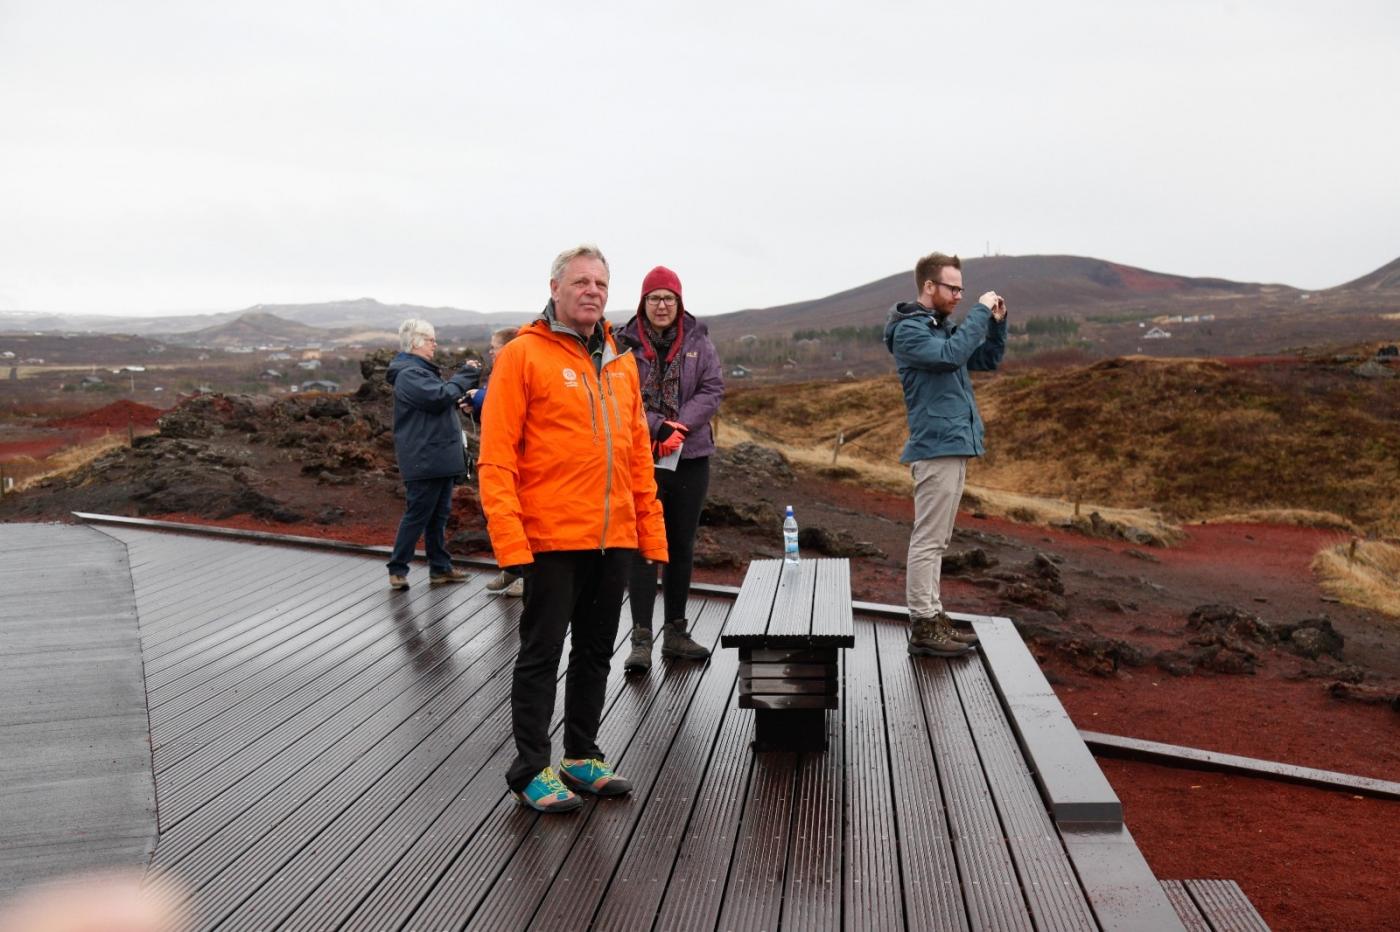 冰岛异国风情_图1-10